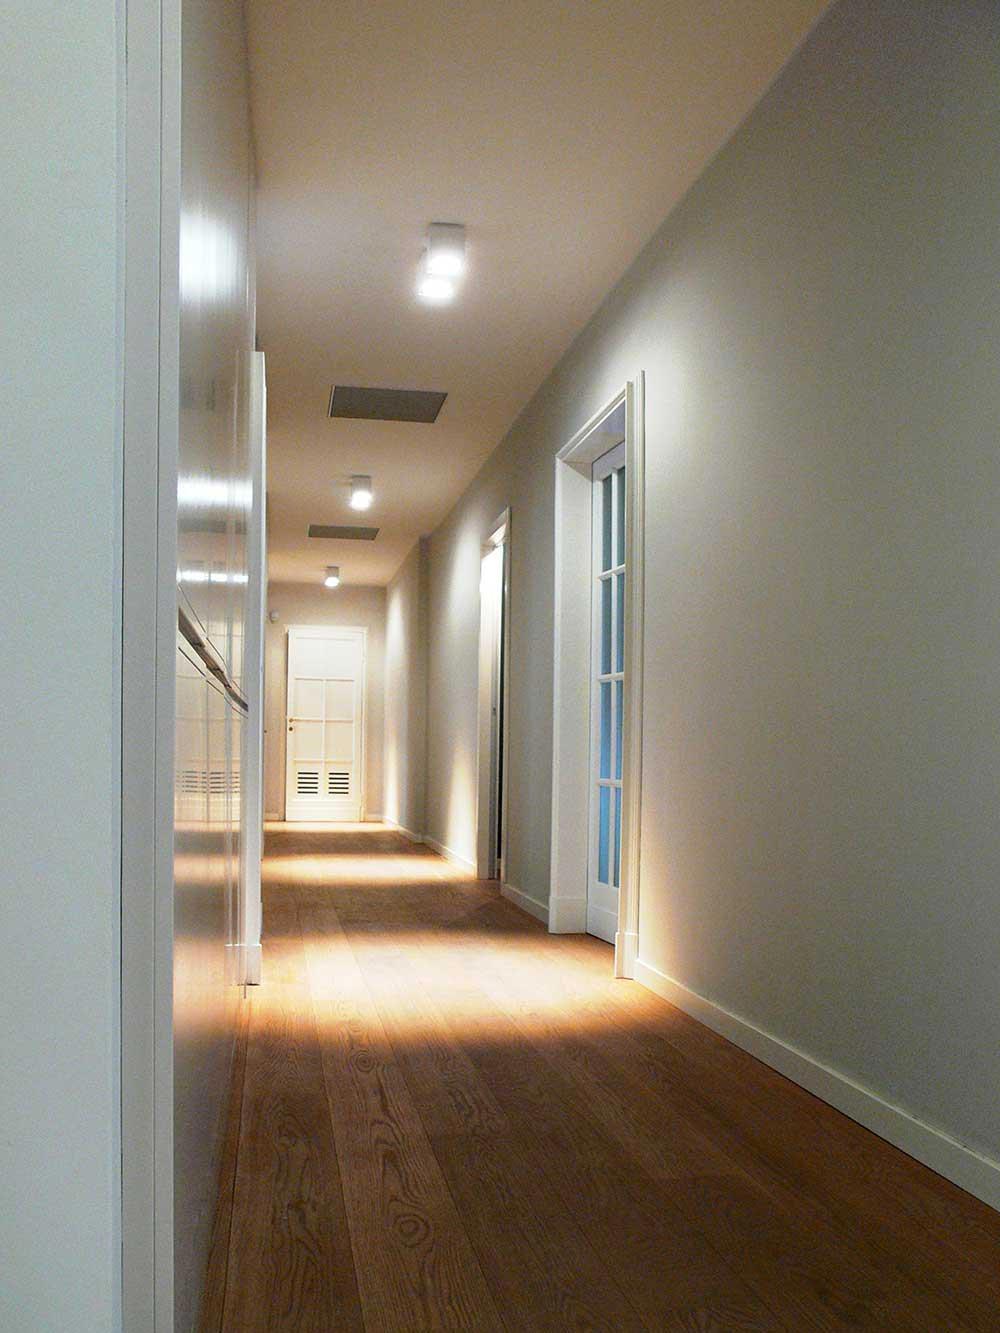 Soffitto Colore Grigio: Empty camera spaziosa interni moderni con pavimento al soffitto ....